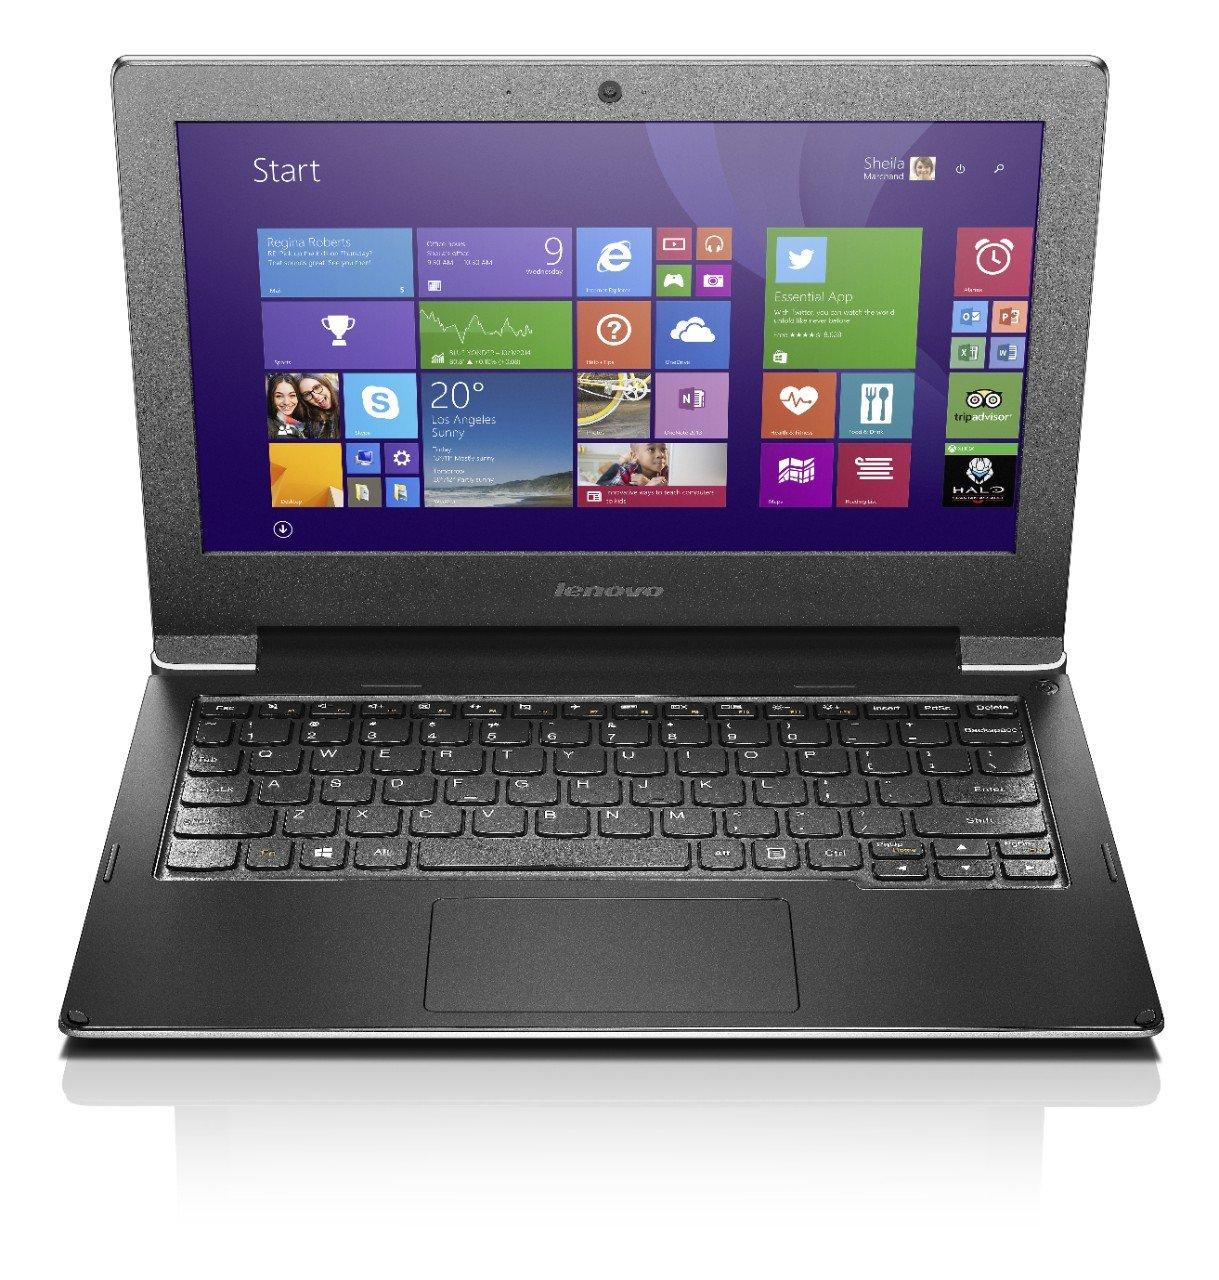 6 Best Laptops For Teens 2016